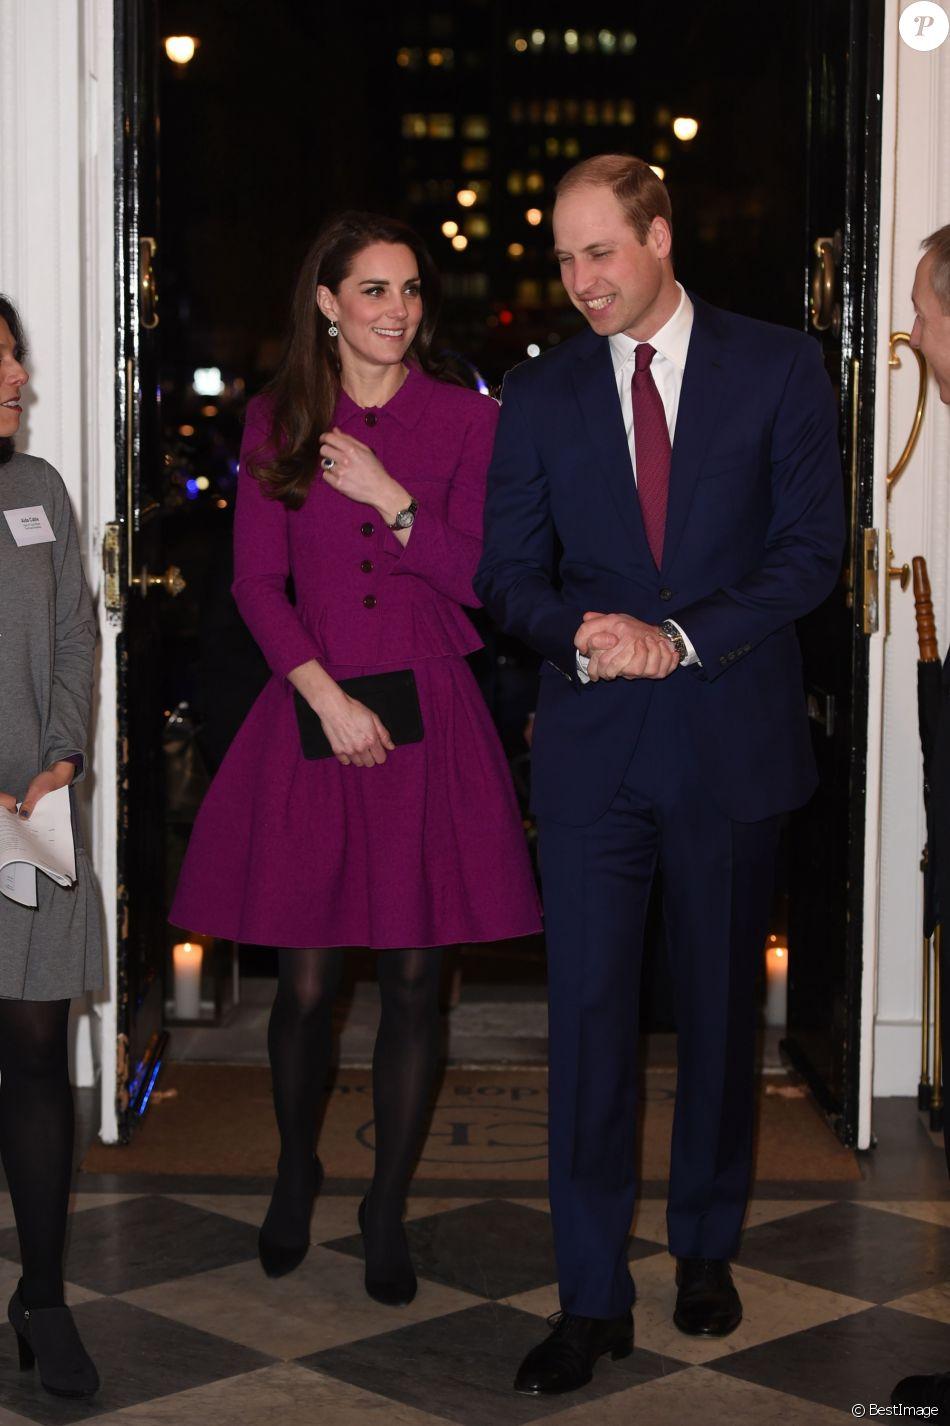 """Le prince William et la duchesse Catherine de Cambridge avaient rendez-vous à Londres dans la soirée du 6 février 2017 avec des journalistes santé de la Guild of Health Writers à l'occasion d'une conférence sur le thème """"L'épidémie d'anxiété"""", en lien avec l'action de leur campagne Heads Together en faveur de la santé mentale."""